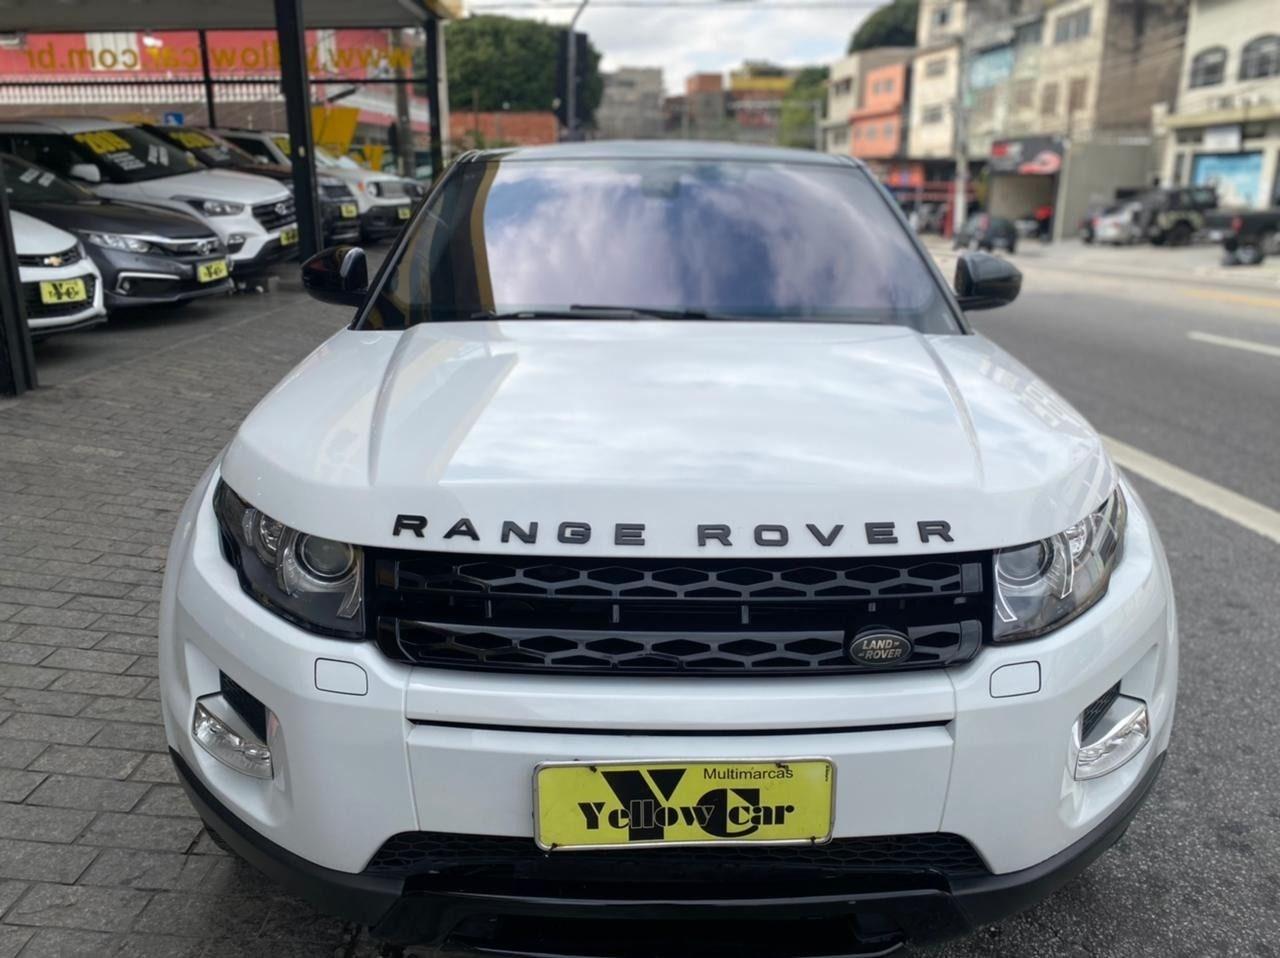 //www.autoline.com.br/carro/land-rover/range-rover-evoque-20-pure-tech-pack-16v-gasolina-4p-4x4-turbo-a/2014/sao-paulo-sp/14934731